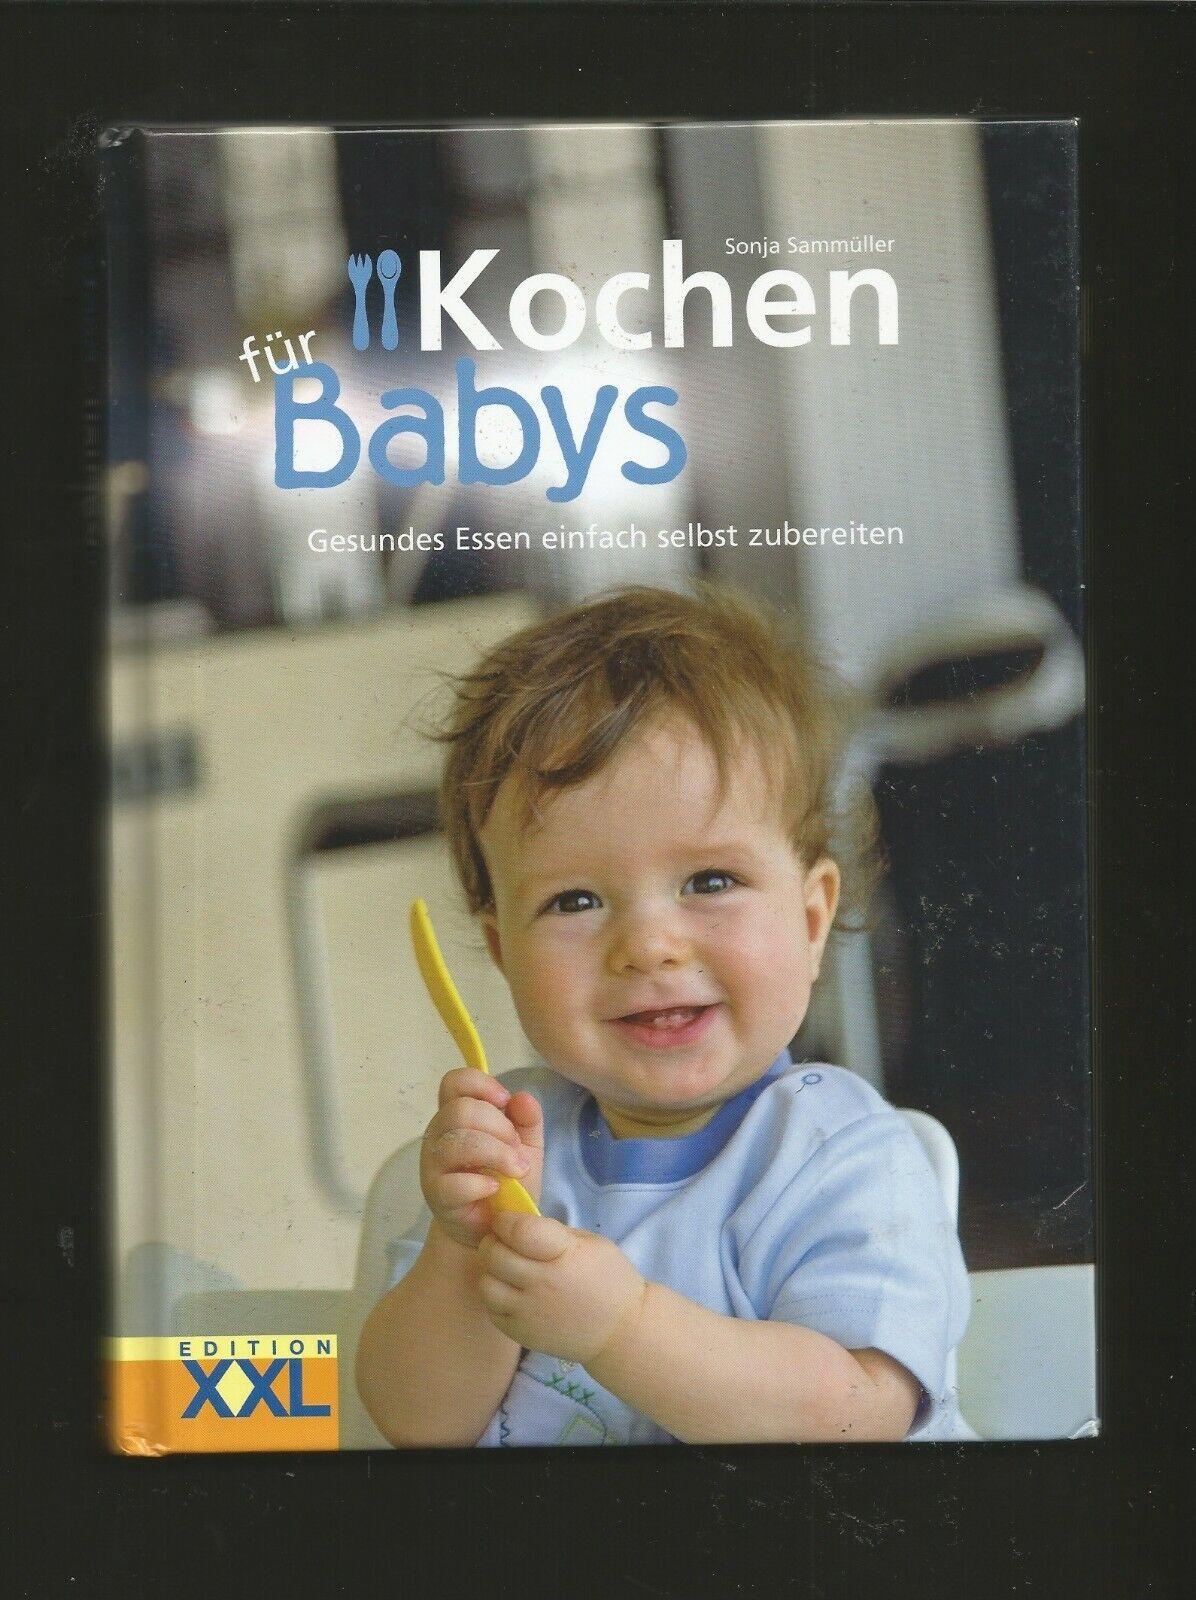 Kochen für Babys. Sonja Sammüller. Gesundes Essen einfach selbst zubereiten Gebu